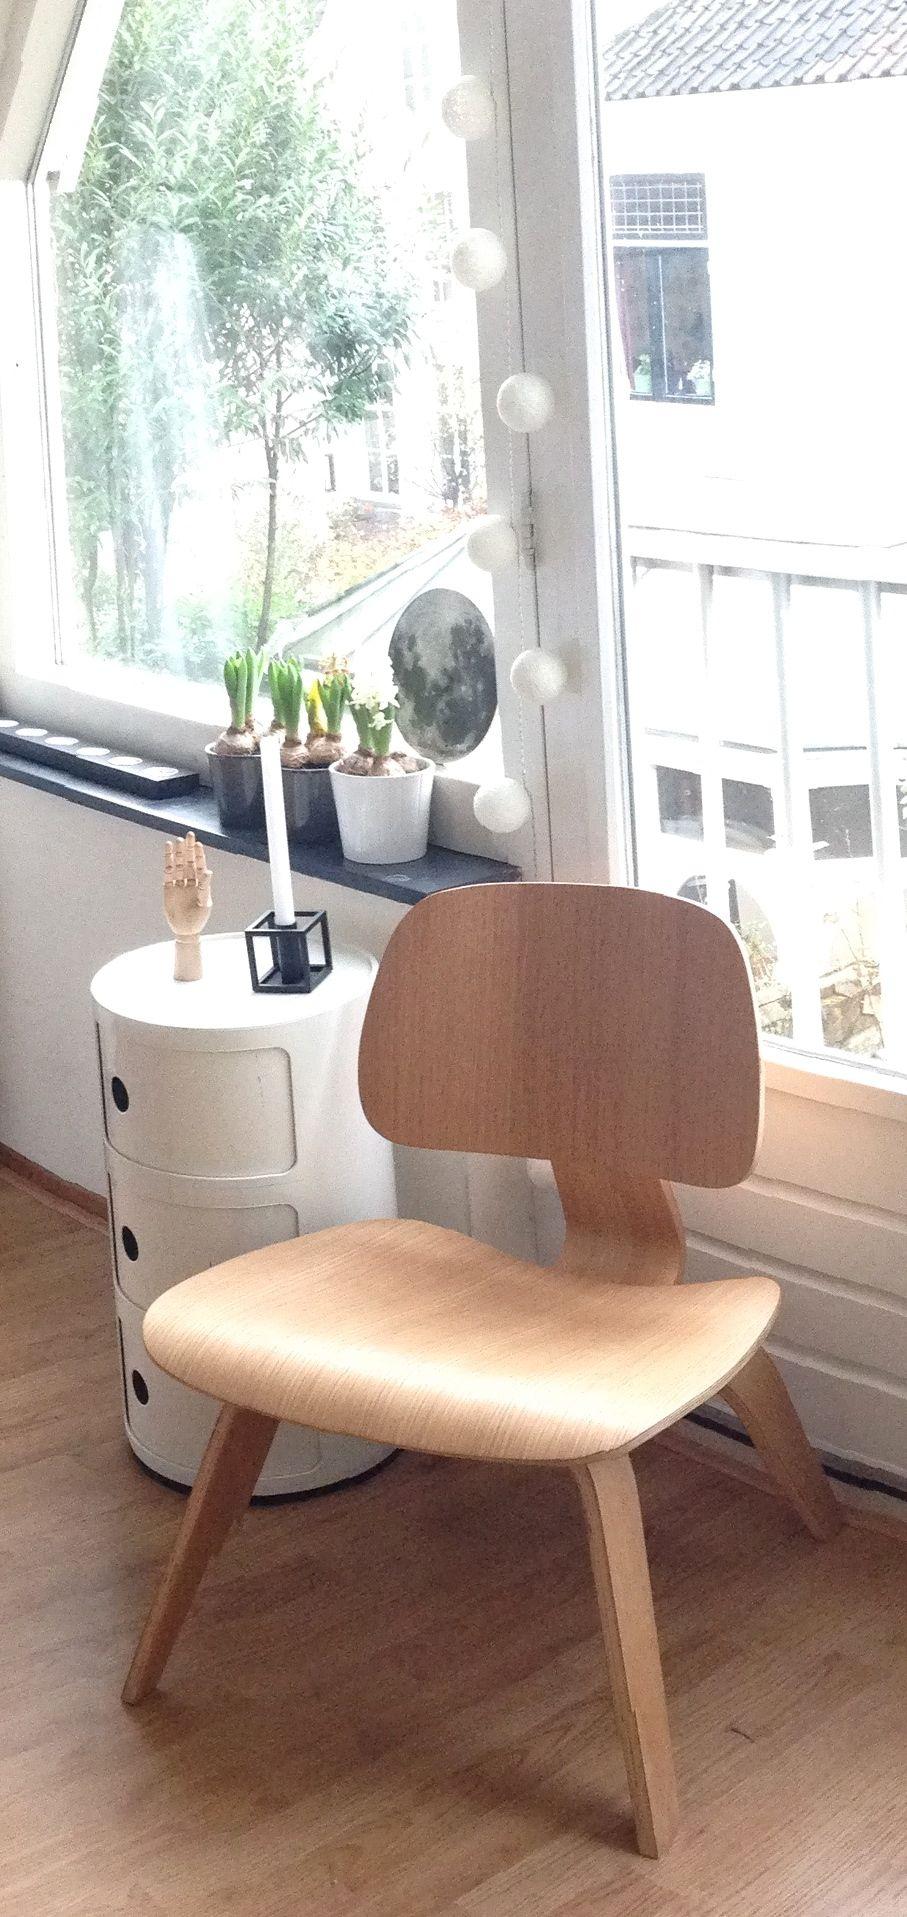 eames dcw chairs in eiken hout 234 bij domini design met showroom